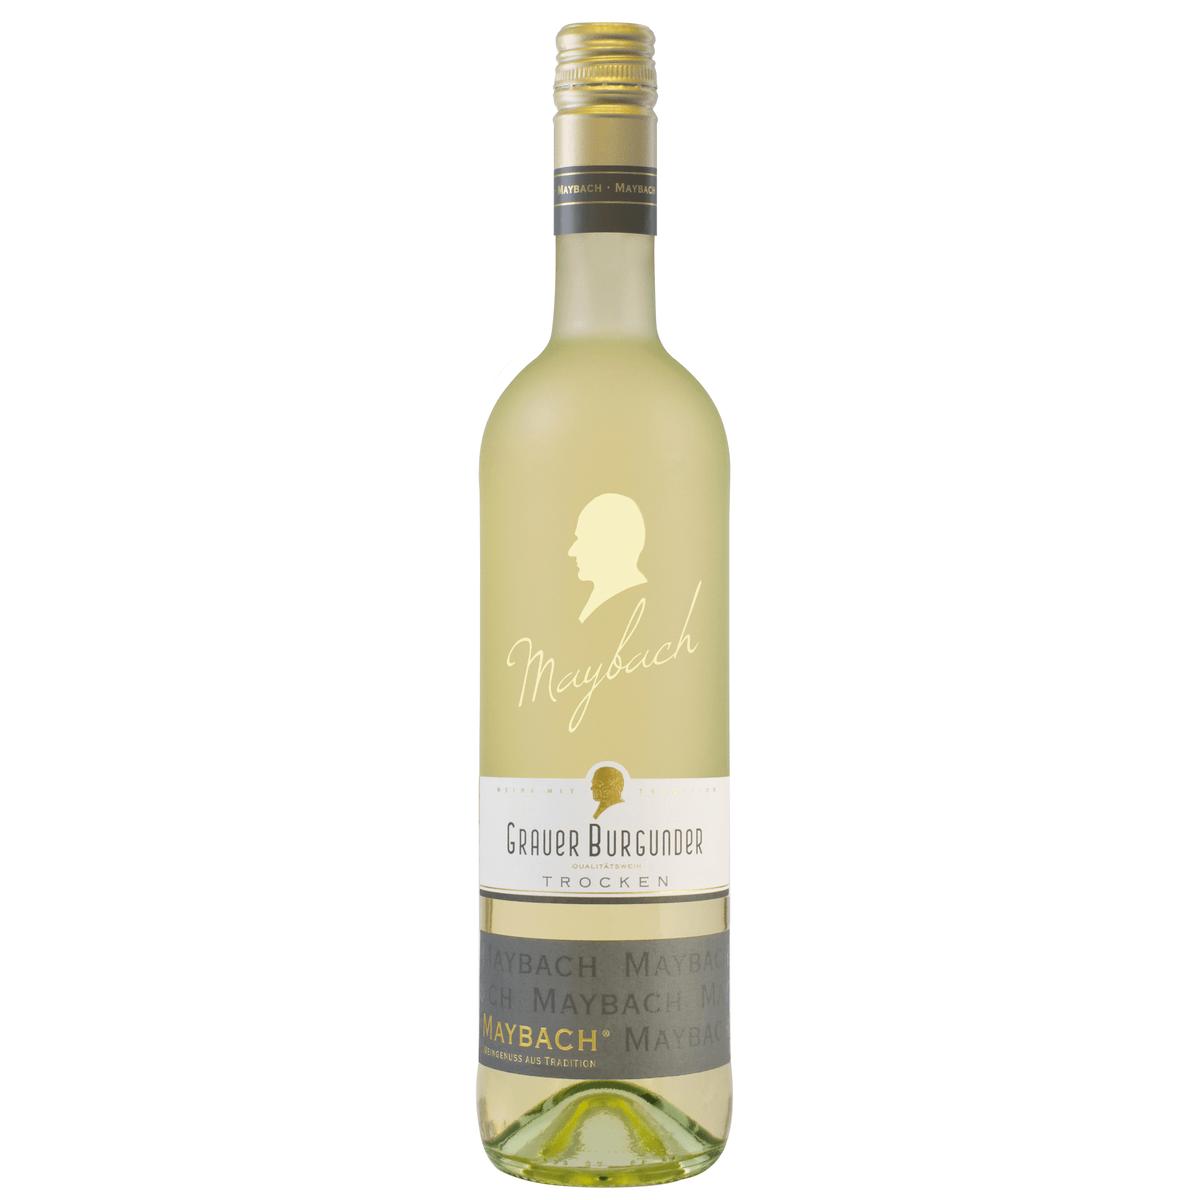 maybach grauer burgunder qba trocken 0,75l   weißwein   wein